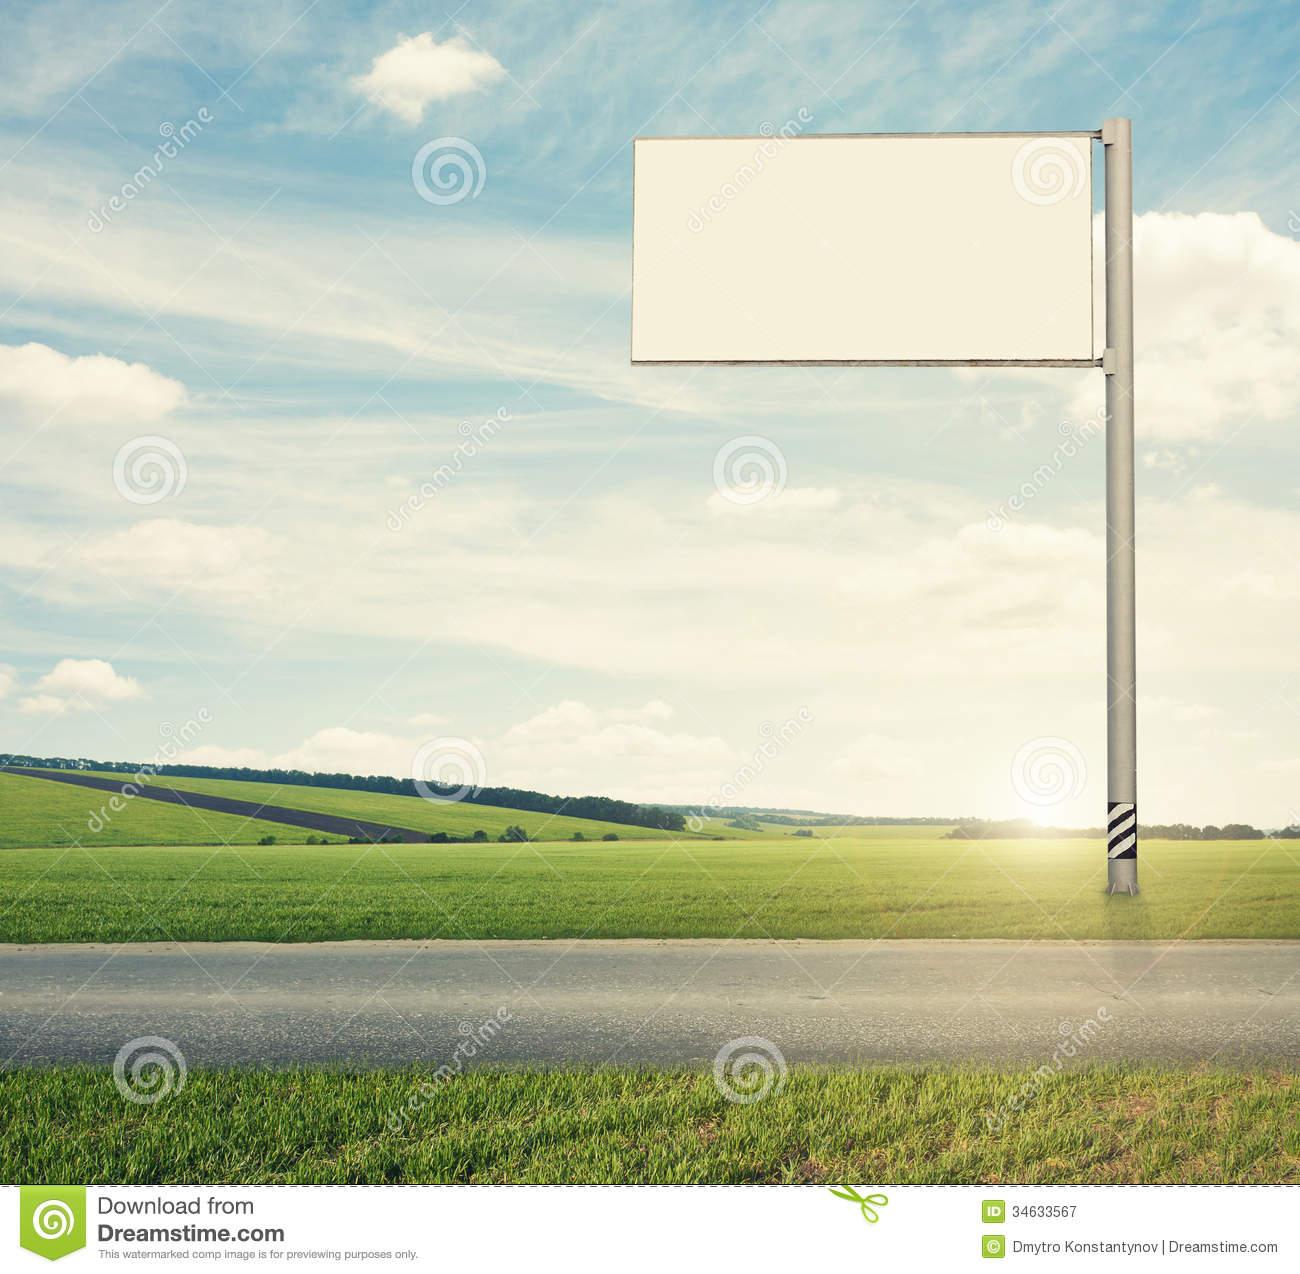 Road billboard clipart.